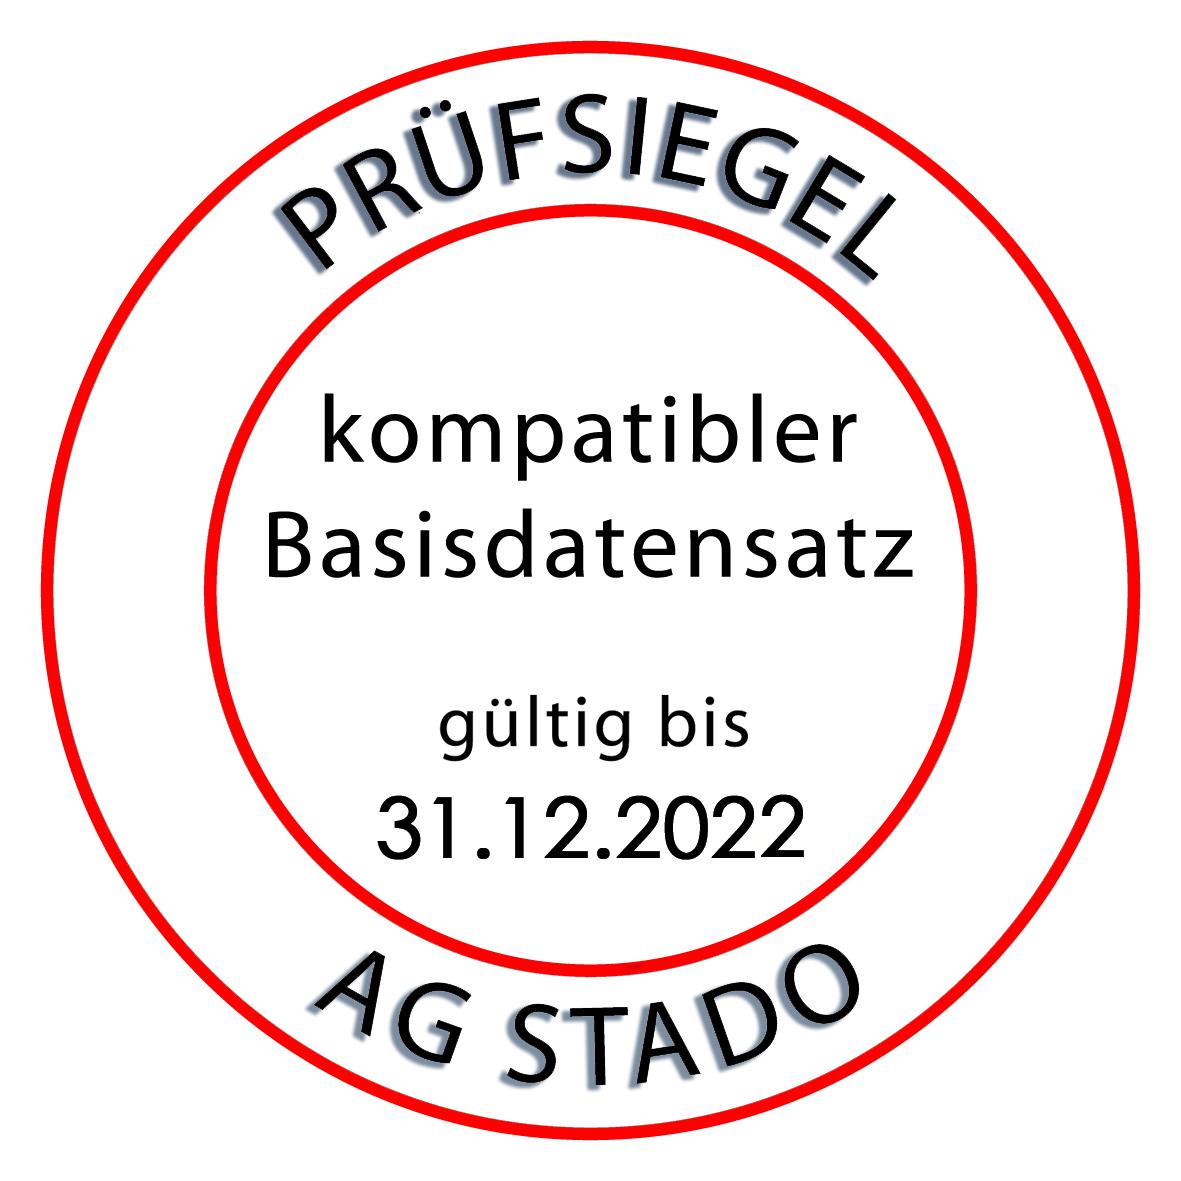 Siegel für Tau-Office der AG STADO gültig bis 2022